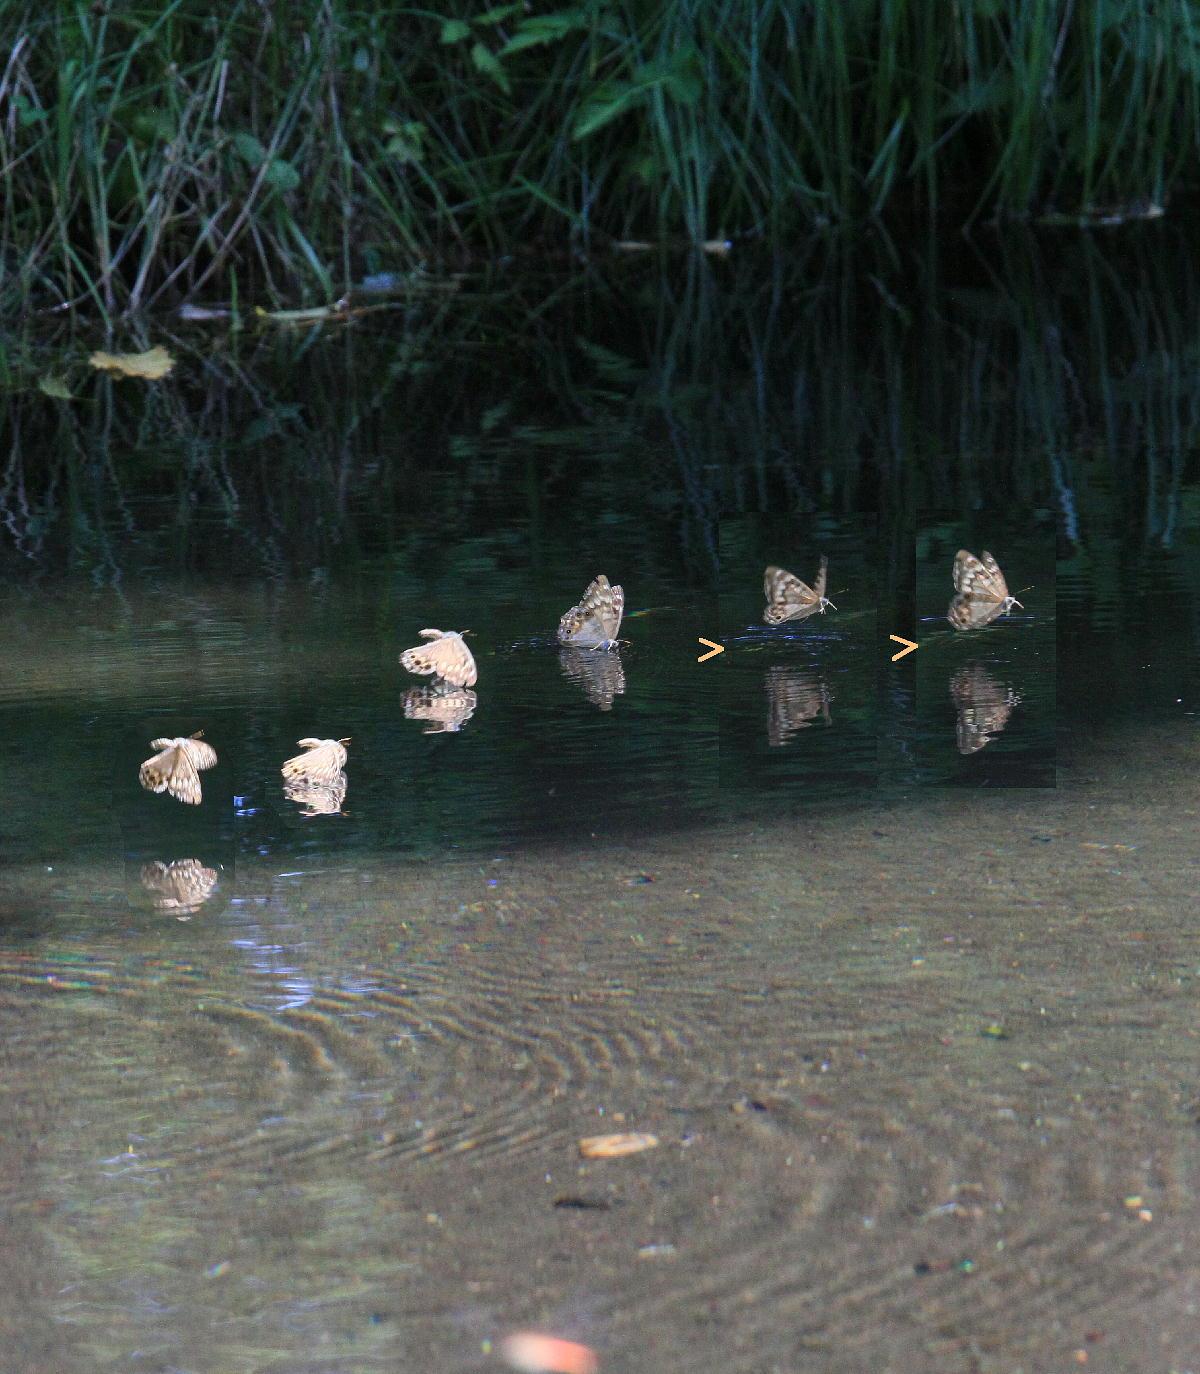 ヒメキマダラヒカゲ 水上移動と水浴び  2010.9.4群馬県_a0146869_5103262.jpg